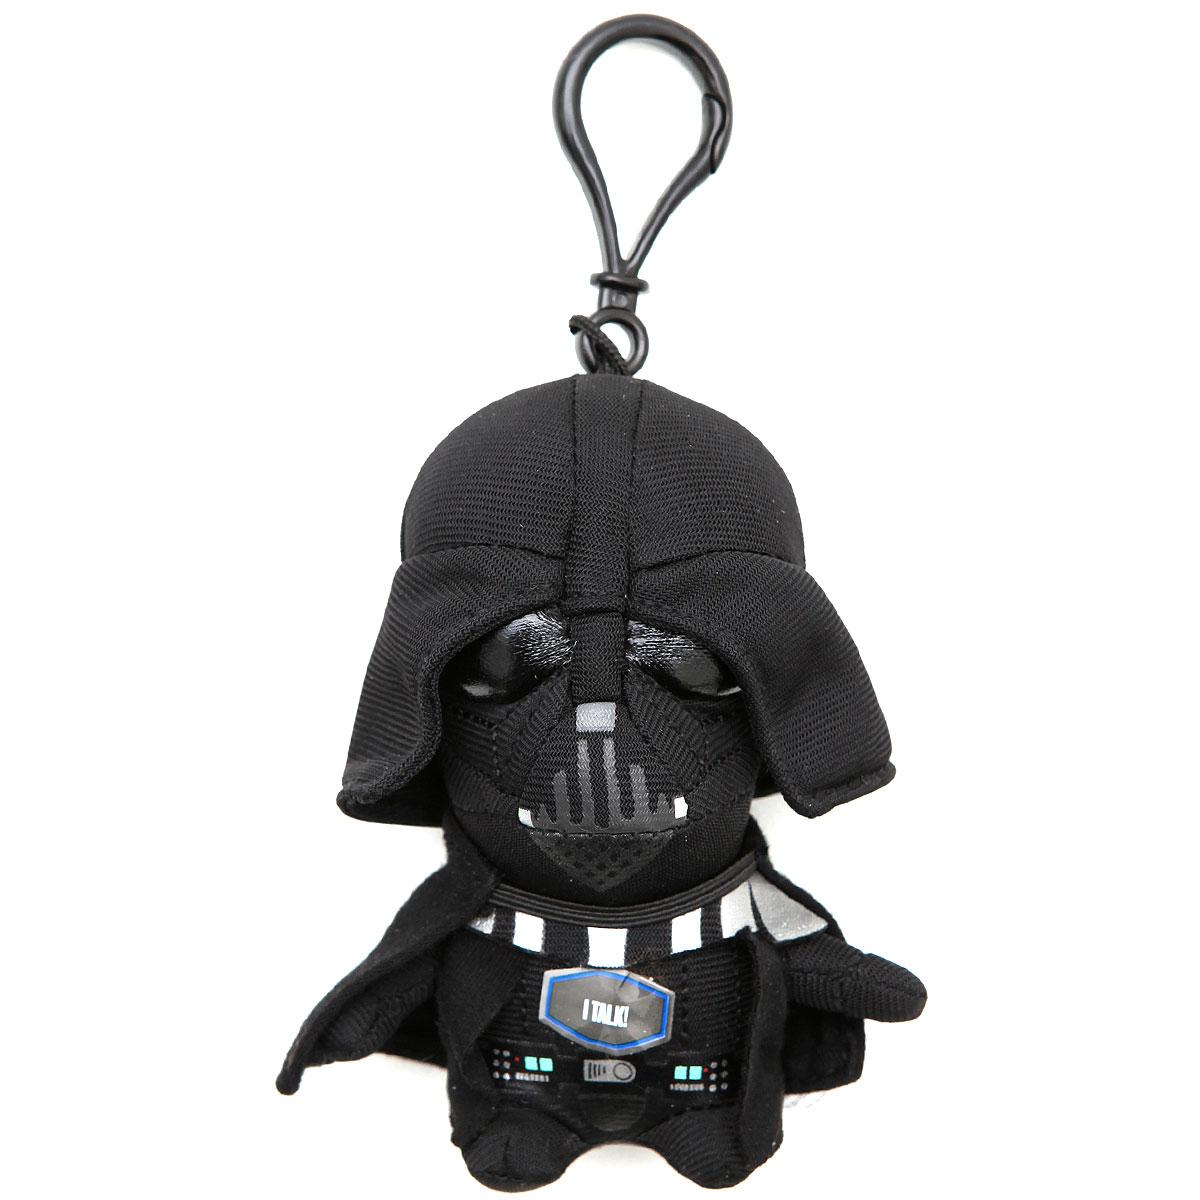 Star Wars Брелок Дарт Вейдер 00231J00231JОчаровательная мягкая игрушка-брелок Star Wars Дарт Вейдер приведет в восторг любого поклонника Звездных войн. Брелок выполнен из текстильного материала в виде любимого персонажа - темного лорда. Пластиковый карабин позволит закрепить брелок на рюкзаке или сумке или повесить над рабочим столом. Сожмите игрушку - вы услышите зловещее дыхание Дарта Вейдера, а также его известные фразы на английском языке. Прекрасное качество исполнения делают этот брелок чудесным подарком истинному поклоннику Звездных войн. Порадуйте своего ребенка! Игрушка работает от 3-х незаменяемых батареек напряжением 1,5V типа AG10/LR1130.